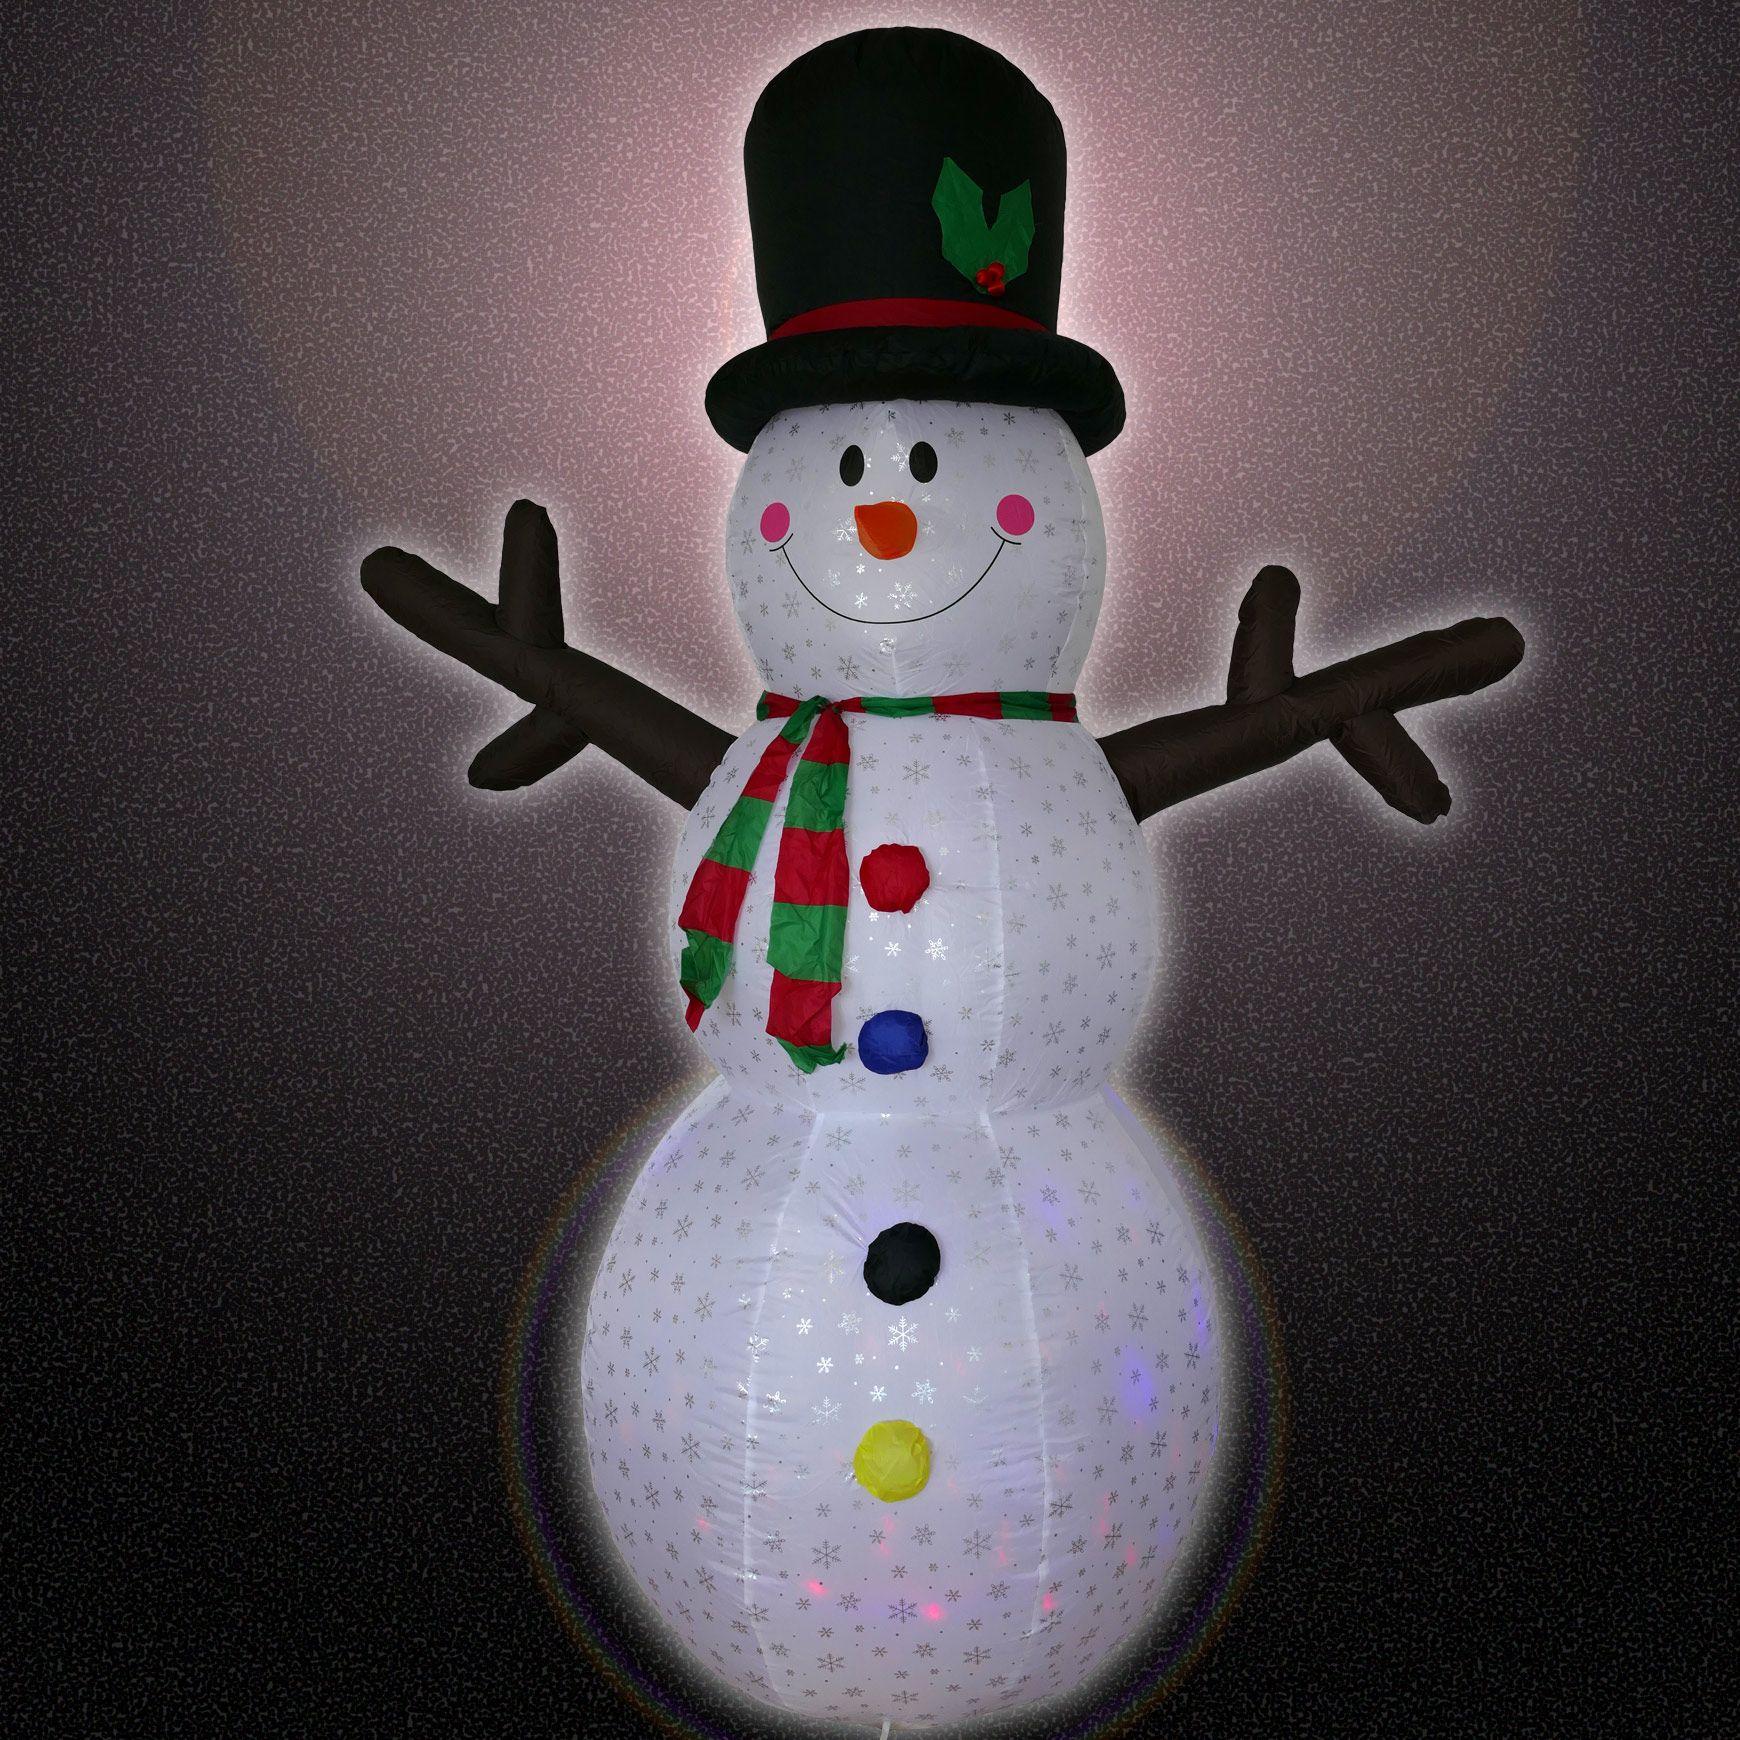 Weihnachtsbeleuchtung Schneemann Außen.Weihnachtsbeleuchtung Für Innen Außen Der Schneemann Zur